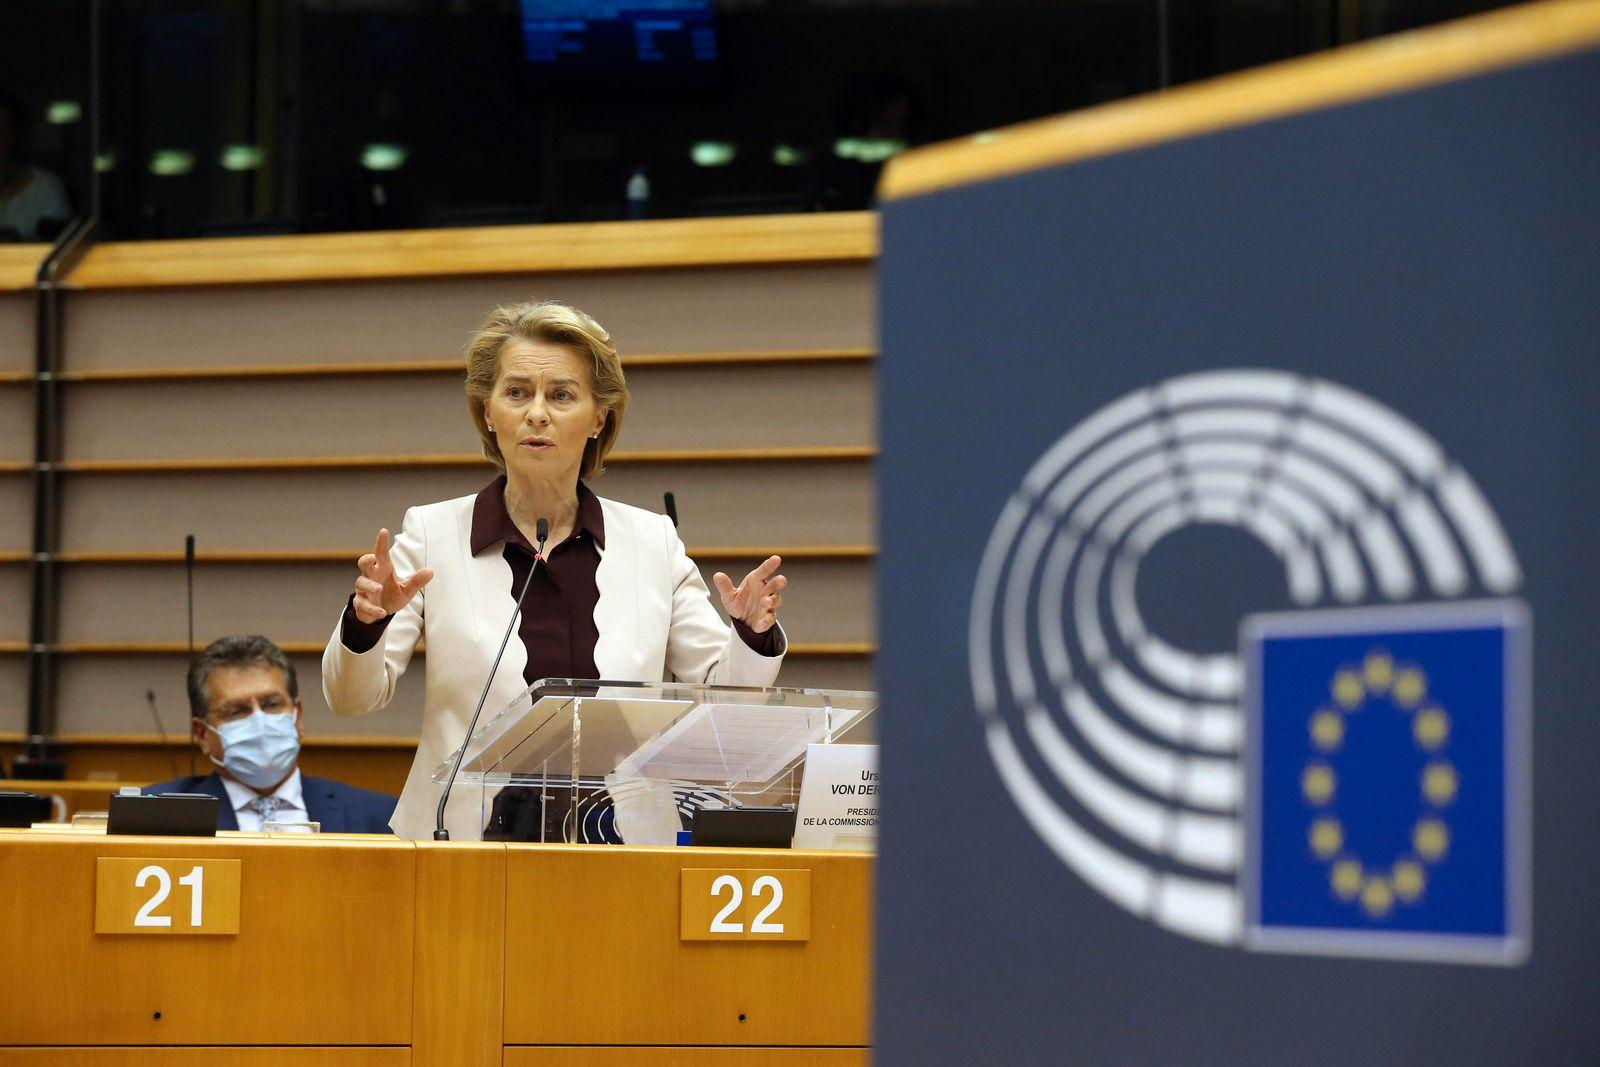 Nach EU-Sondergipfel - Kommissionspräsidentin Von der Leyen